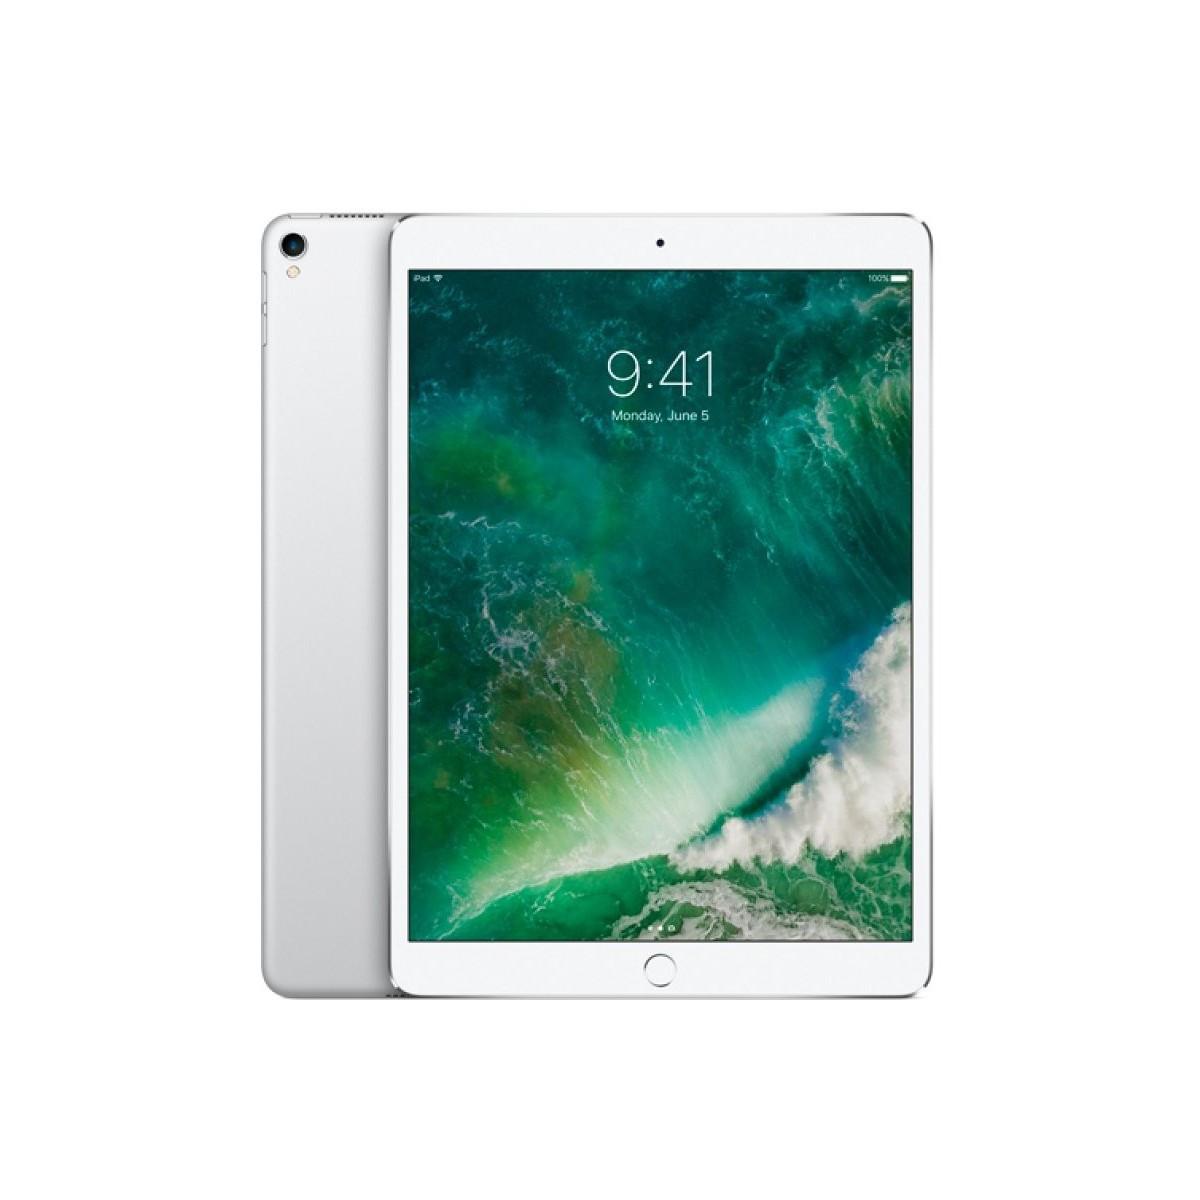 Apple iPad Pro 10.5 Wi-Fi 512GB Silver (MPGJ2) 2017